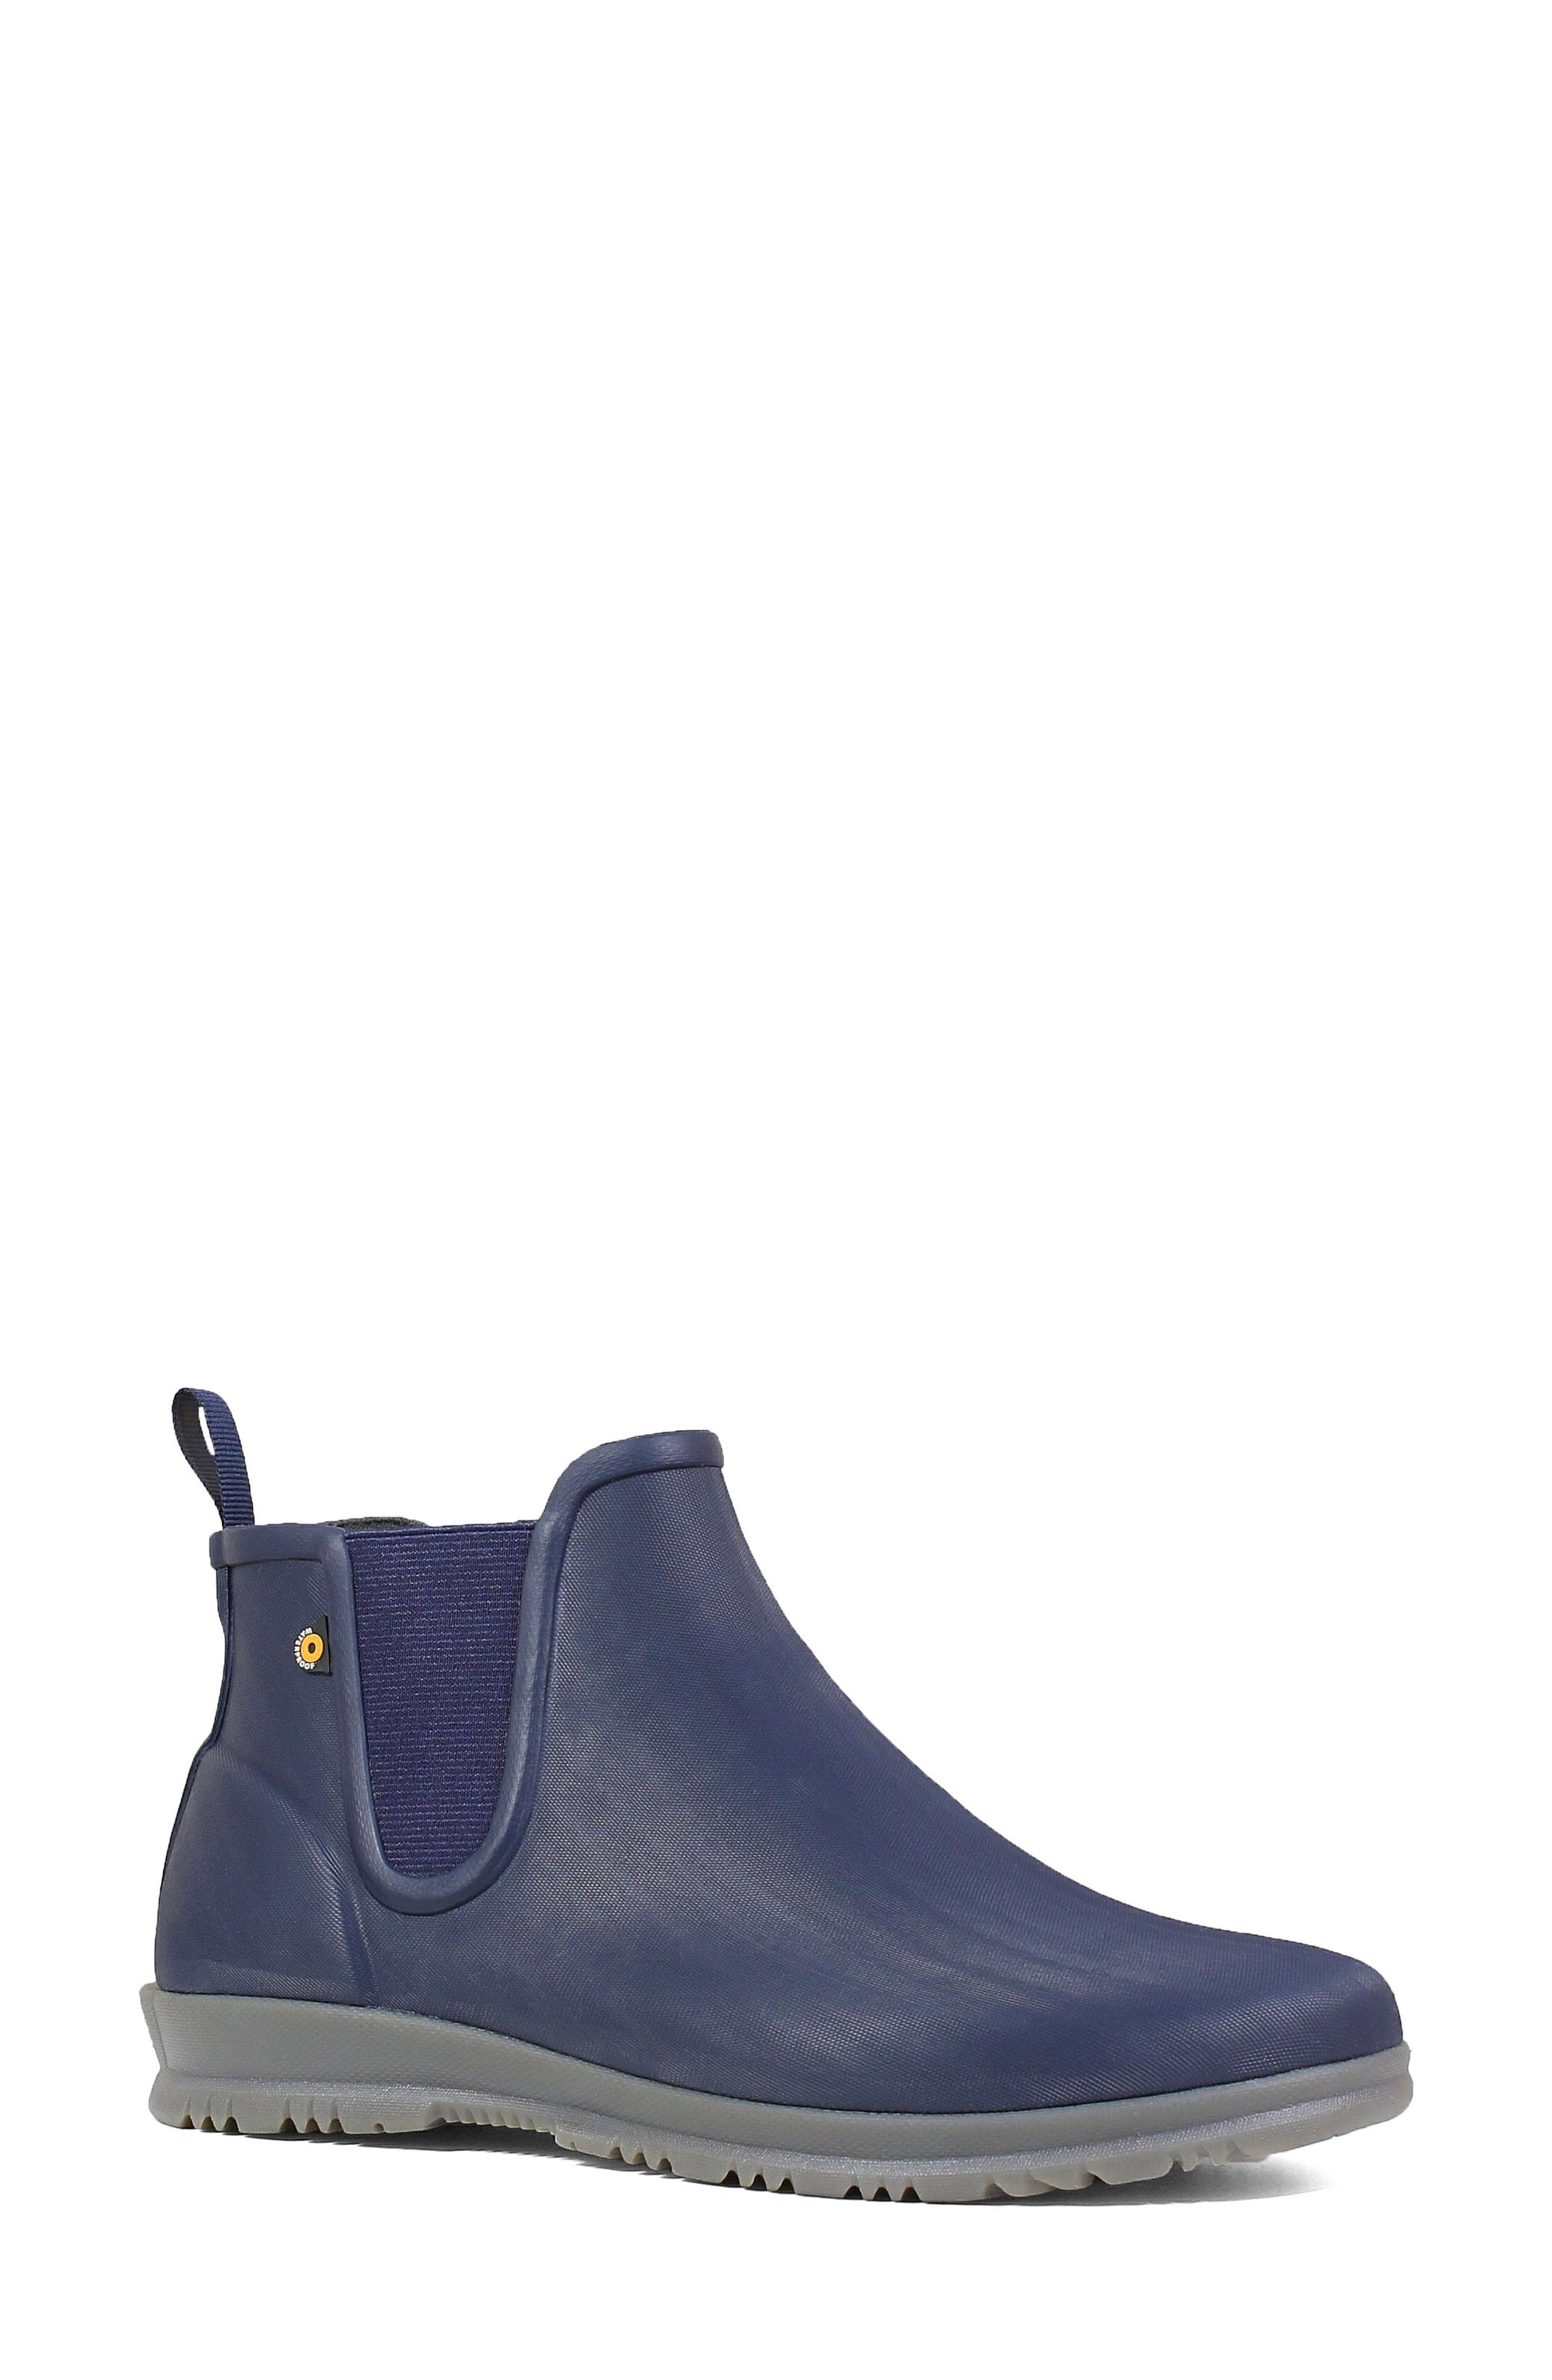 Bogs Sweetpea Rain Boot, Blue